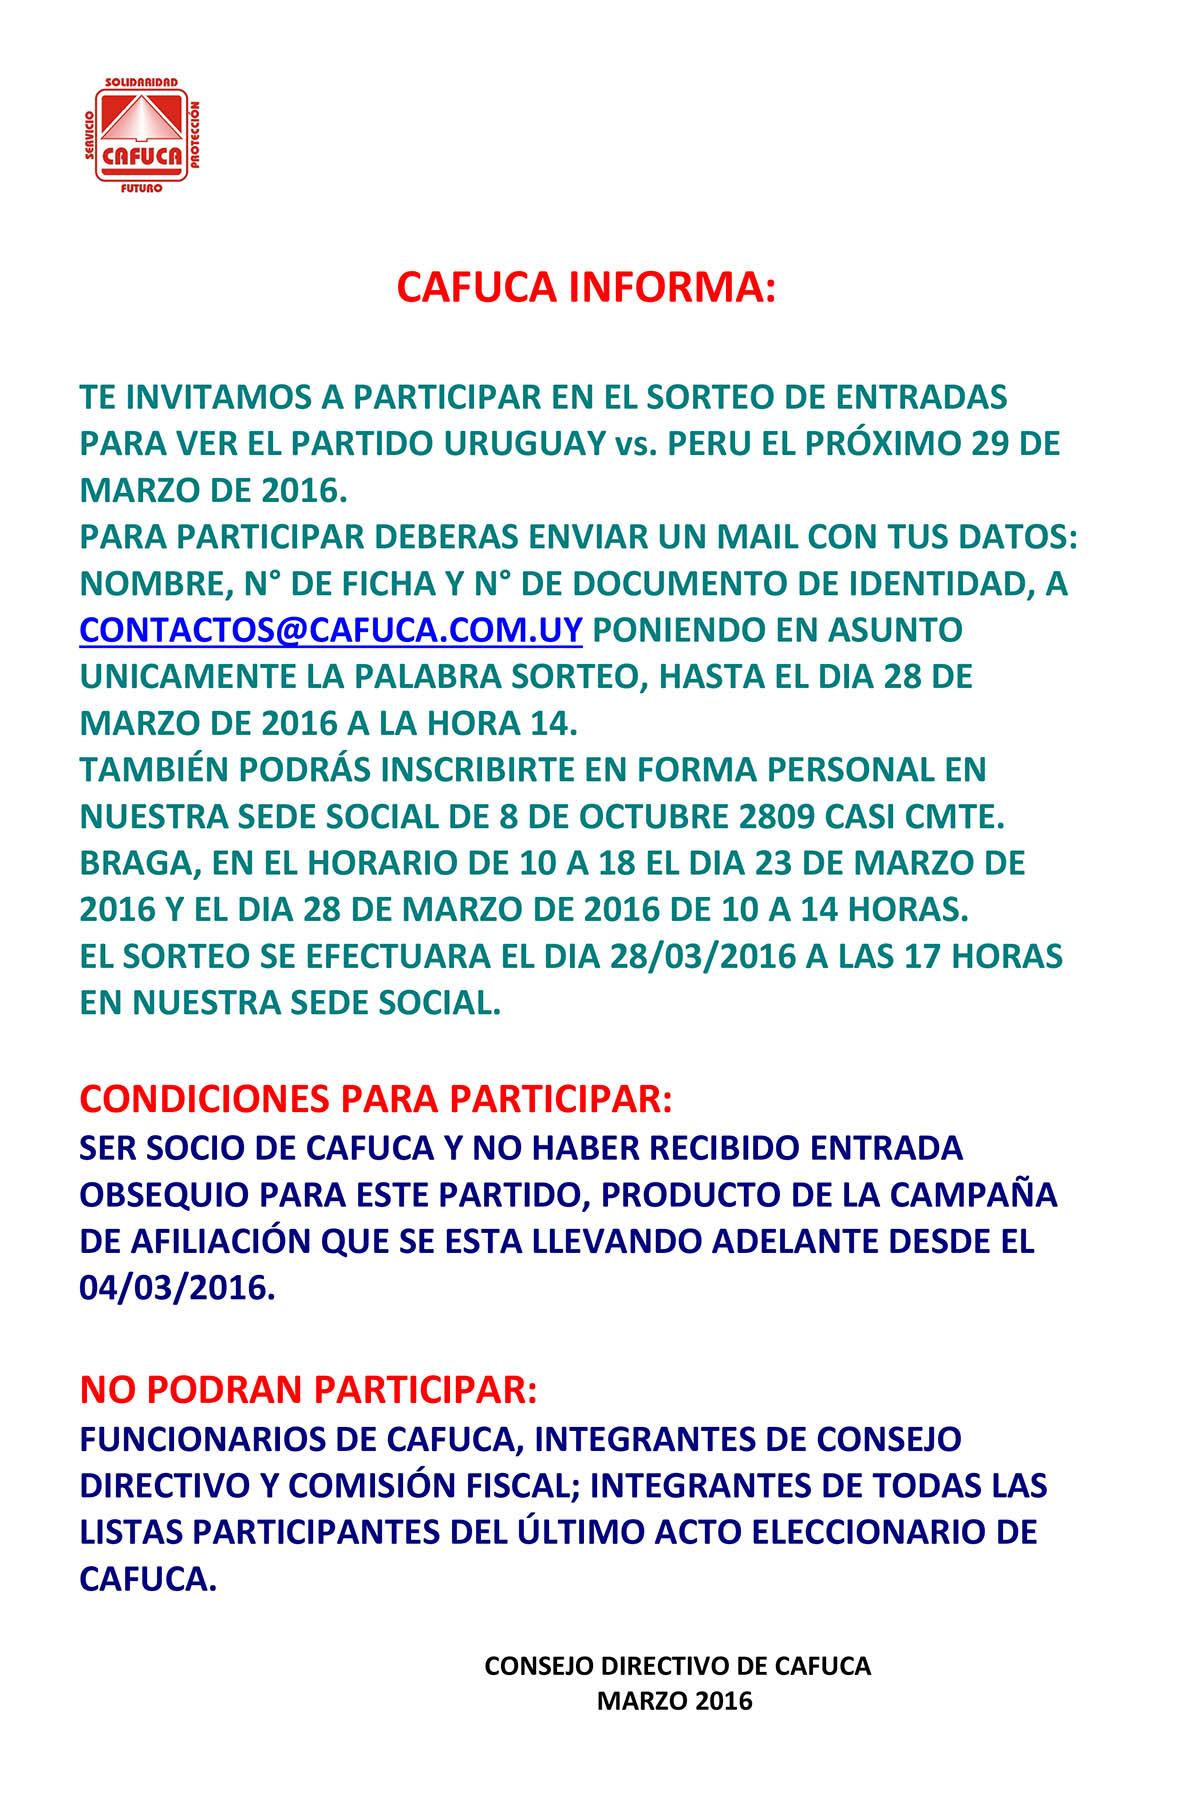 Sorteo-entradas-Uruguay-Peru-marzo-2016